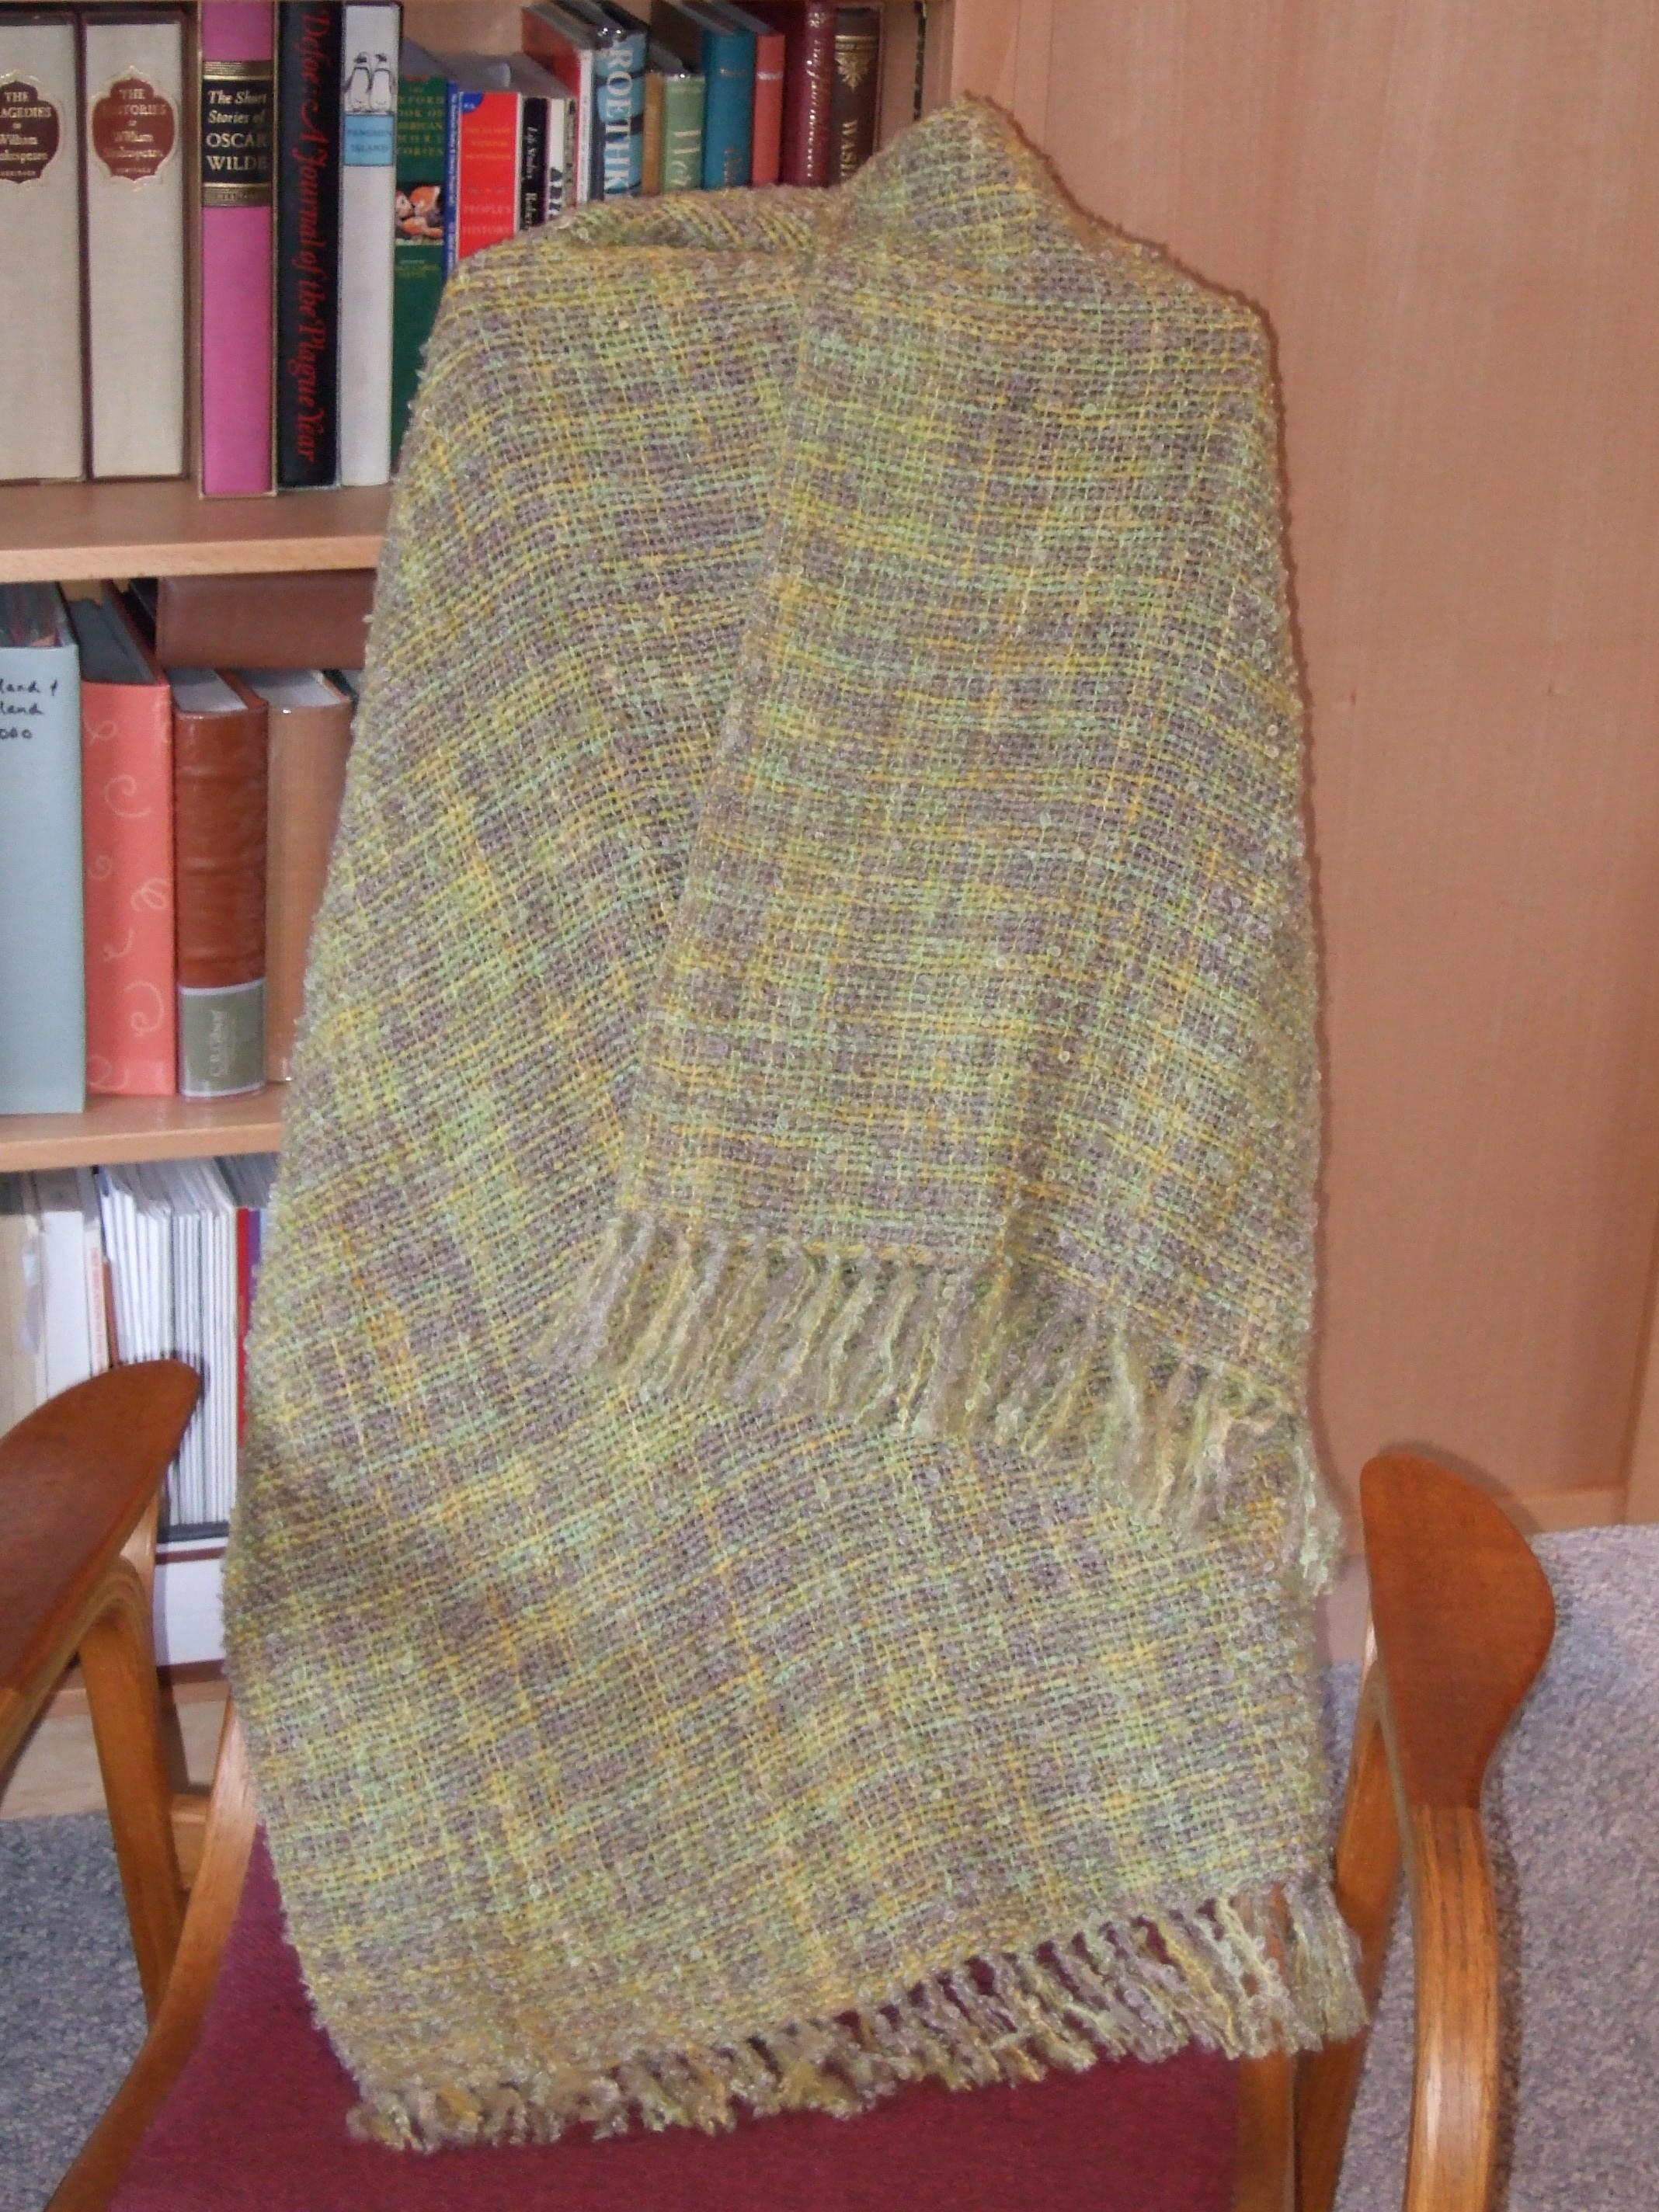 Sagebrush colorway, matching wool handpaint for weft